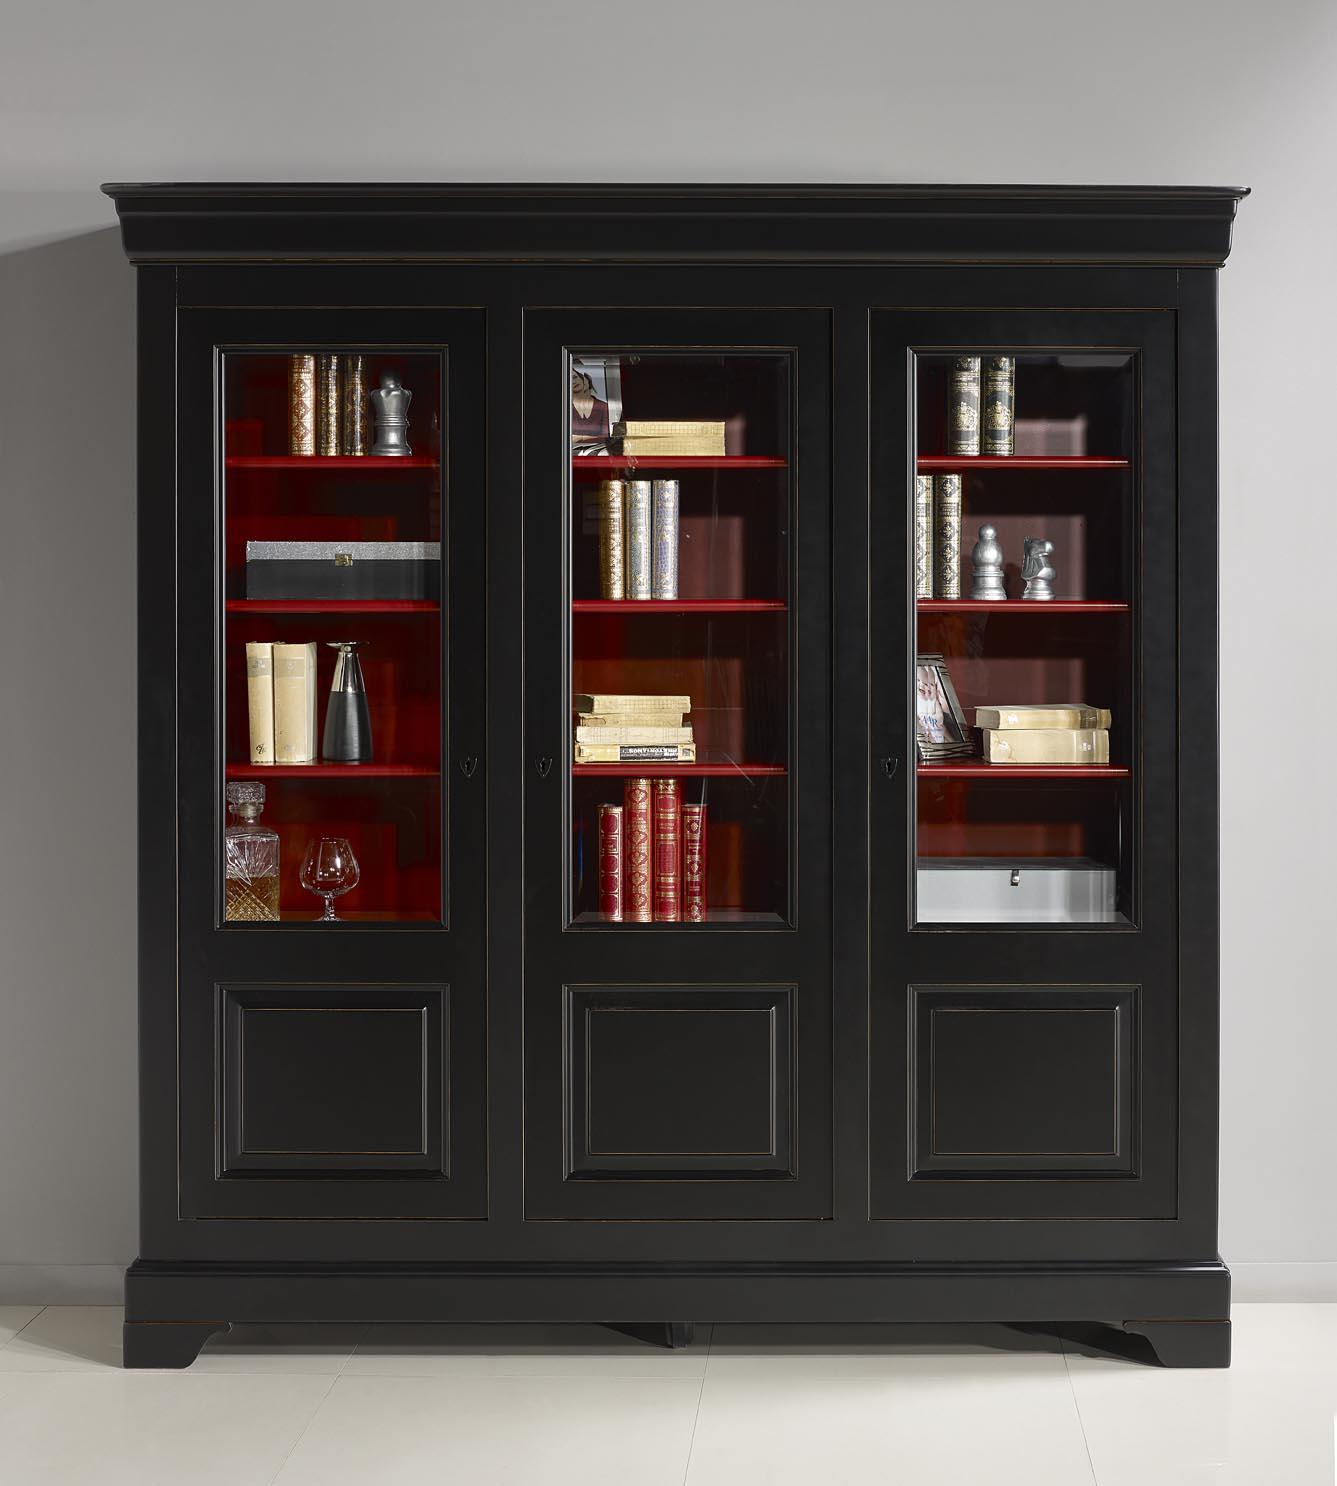 Biblioth que 3 portes flore en merisier massif de style louis philippe patin noir et rouge - Relooker une bibliotheque en merisier ...